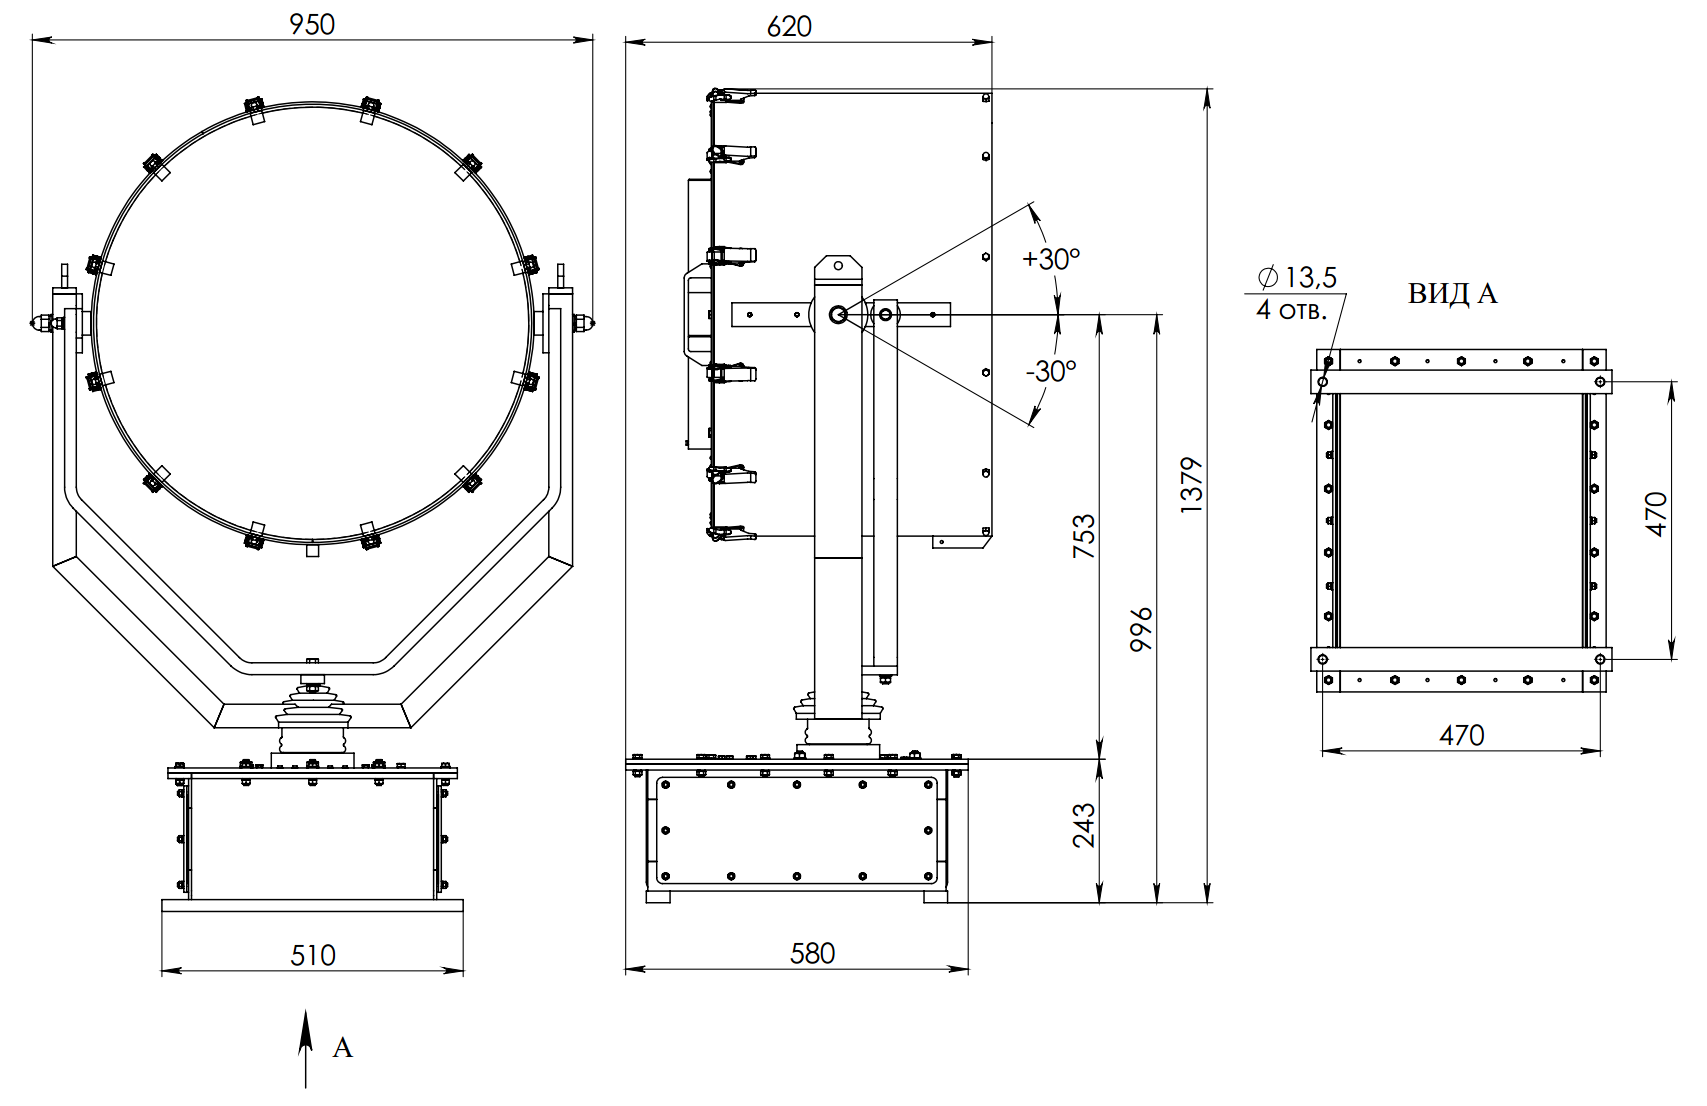 Прожектор с дистанционным управлением пультом (DH/4)